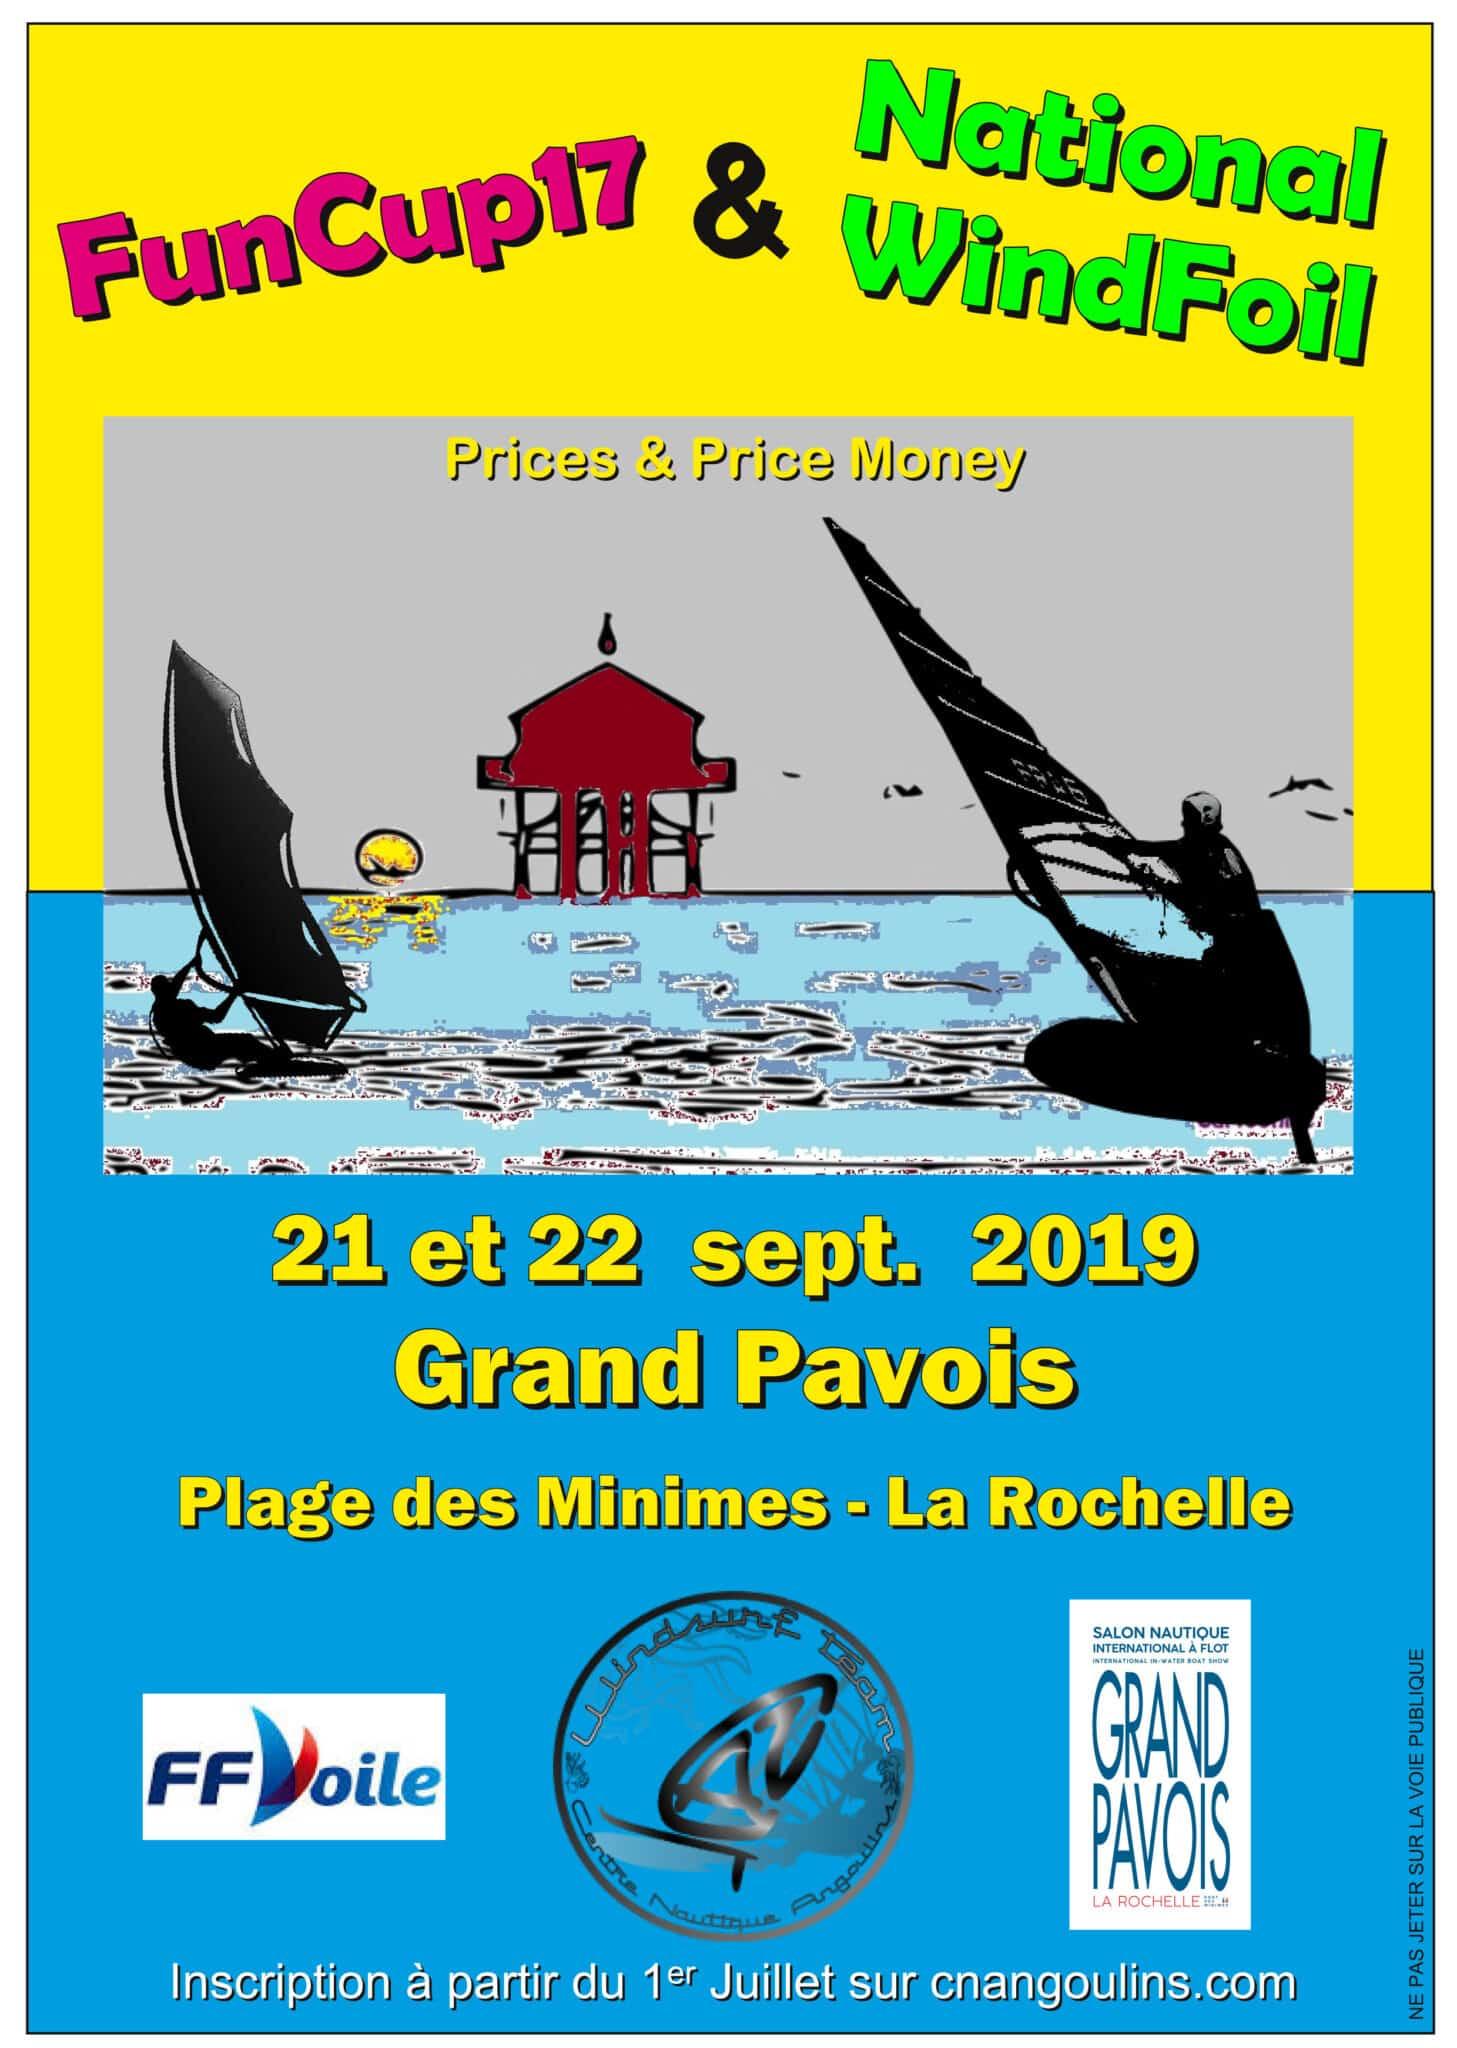 Windfoil 2019 La Rochelle par le Centre Nautique d'Angoulins